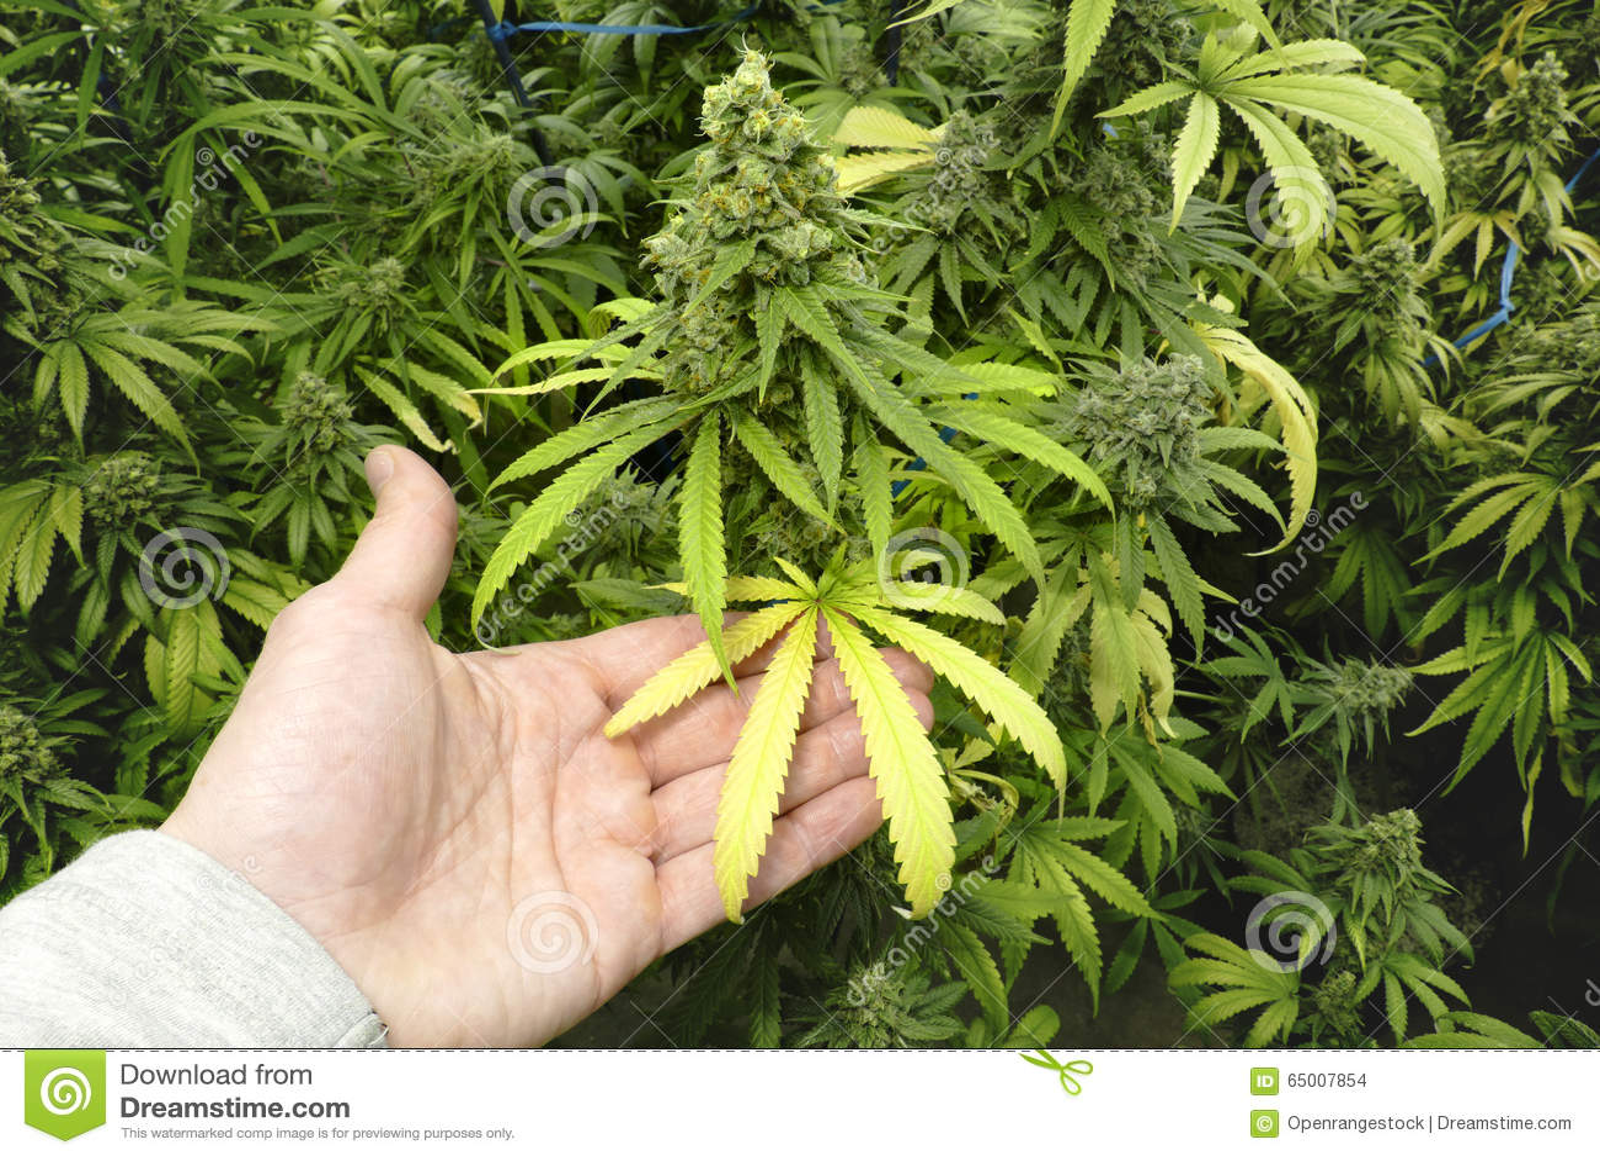 Че марихуаны обколются марихуаной и ебут